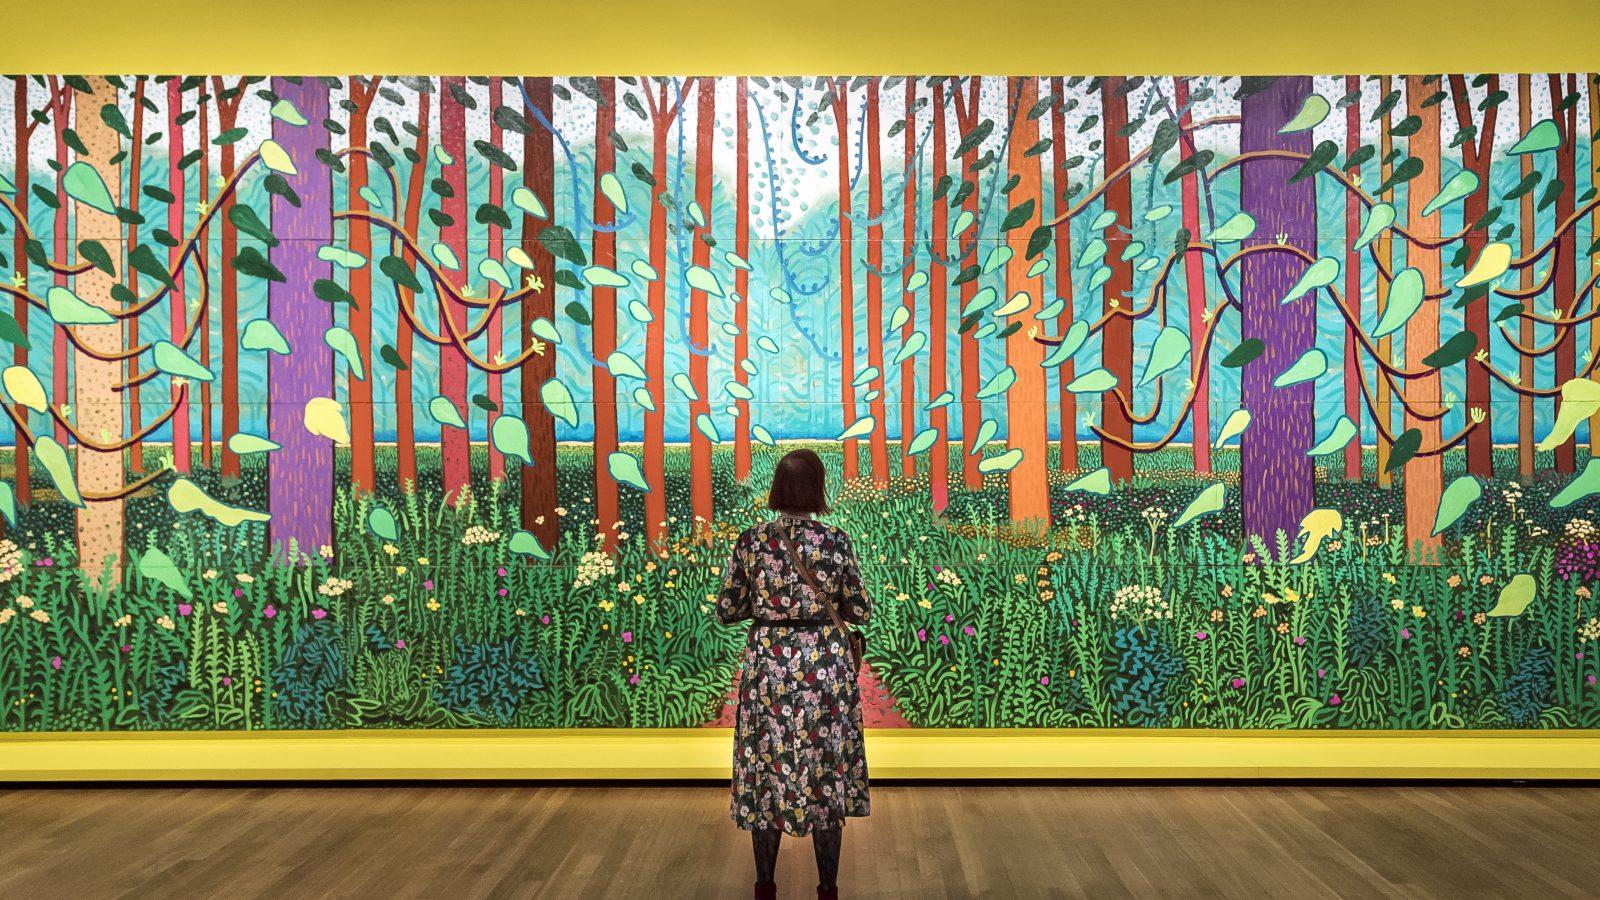 Hockney-Van-Gogh-The-Joy-of-Nature-at-the-Van-Gogh-Museum.-Courtesy-Van-Gogh-Museum.-Photo-Jan-Kees-Steenman-4-2 (1)